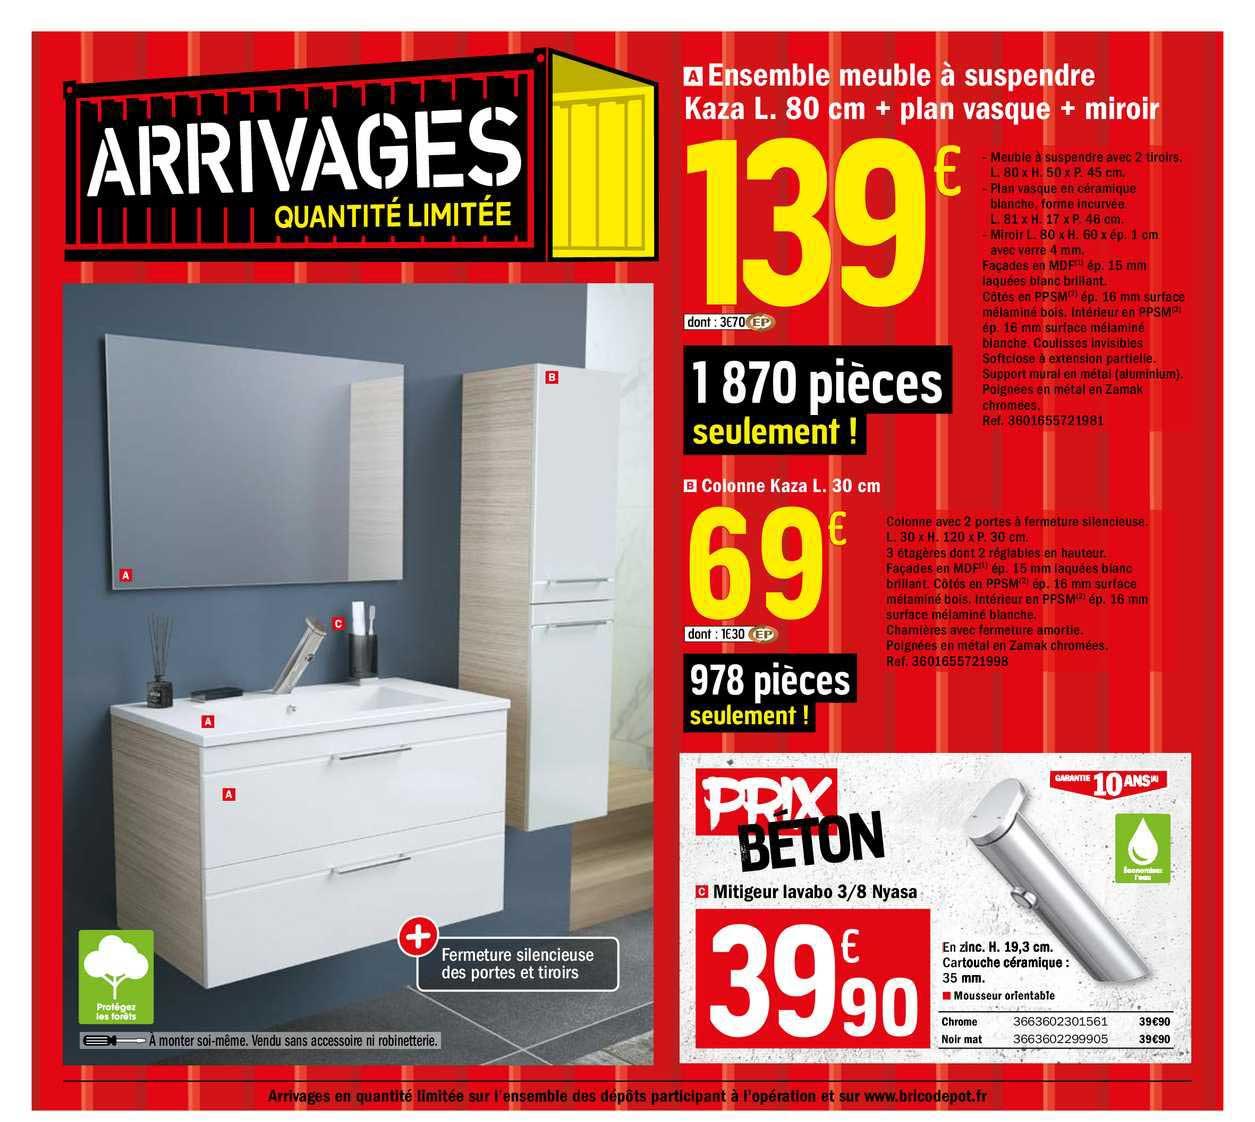 Offre Ensemble Meuble A Suspendre Kaza L 80 Cm Plan Vasque Miroir Chez Brico Depot